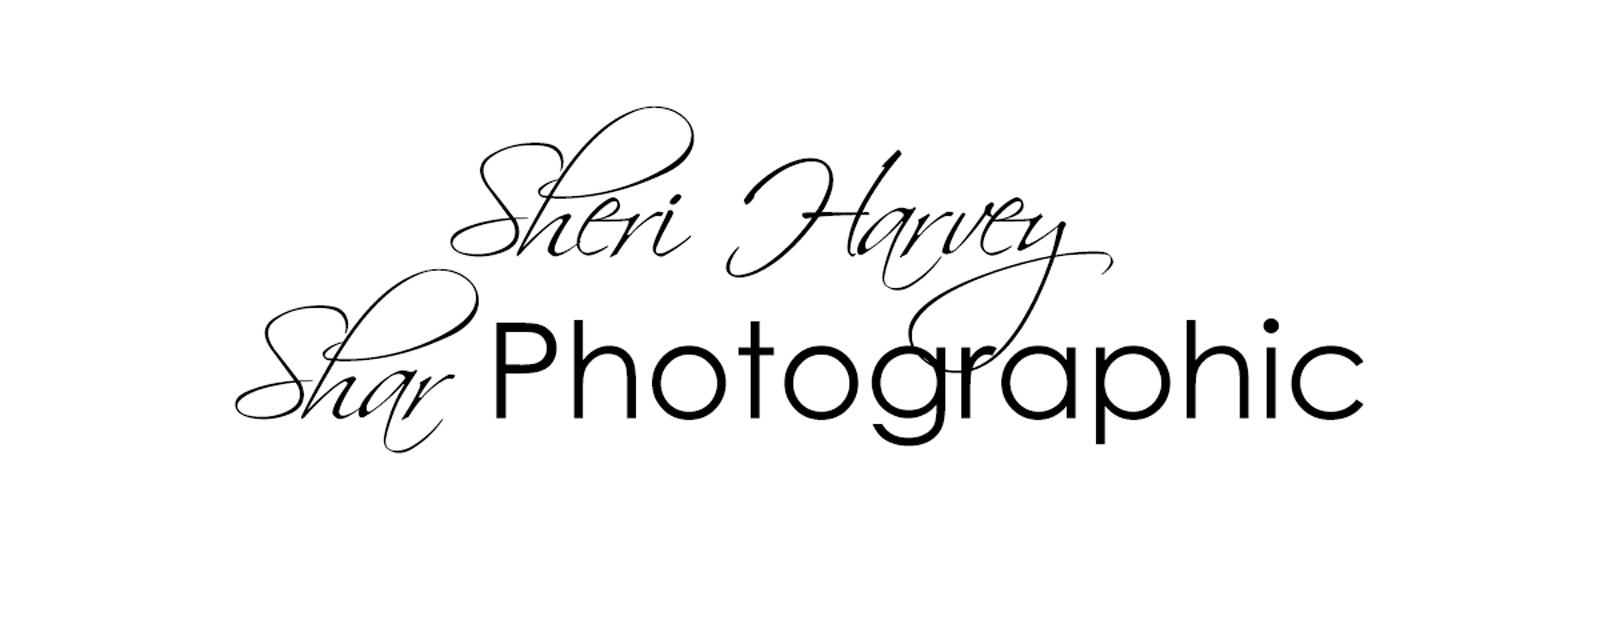 Sheri Harvey